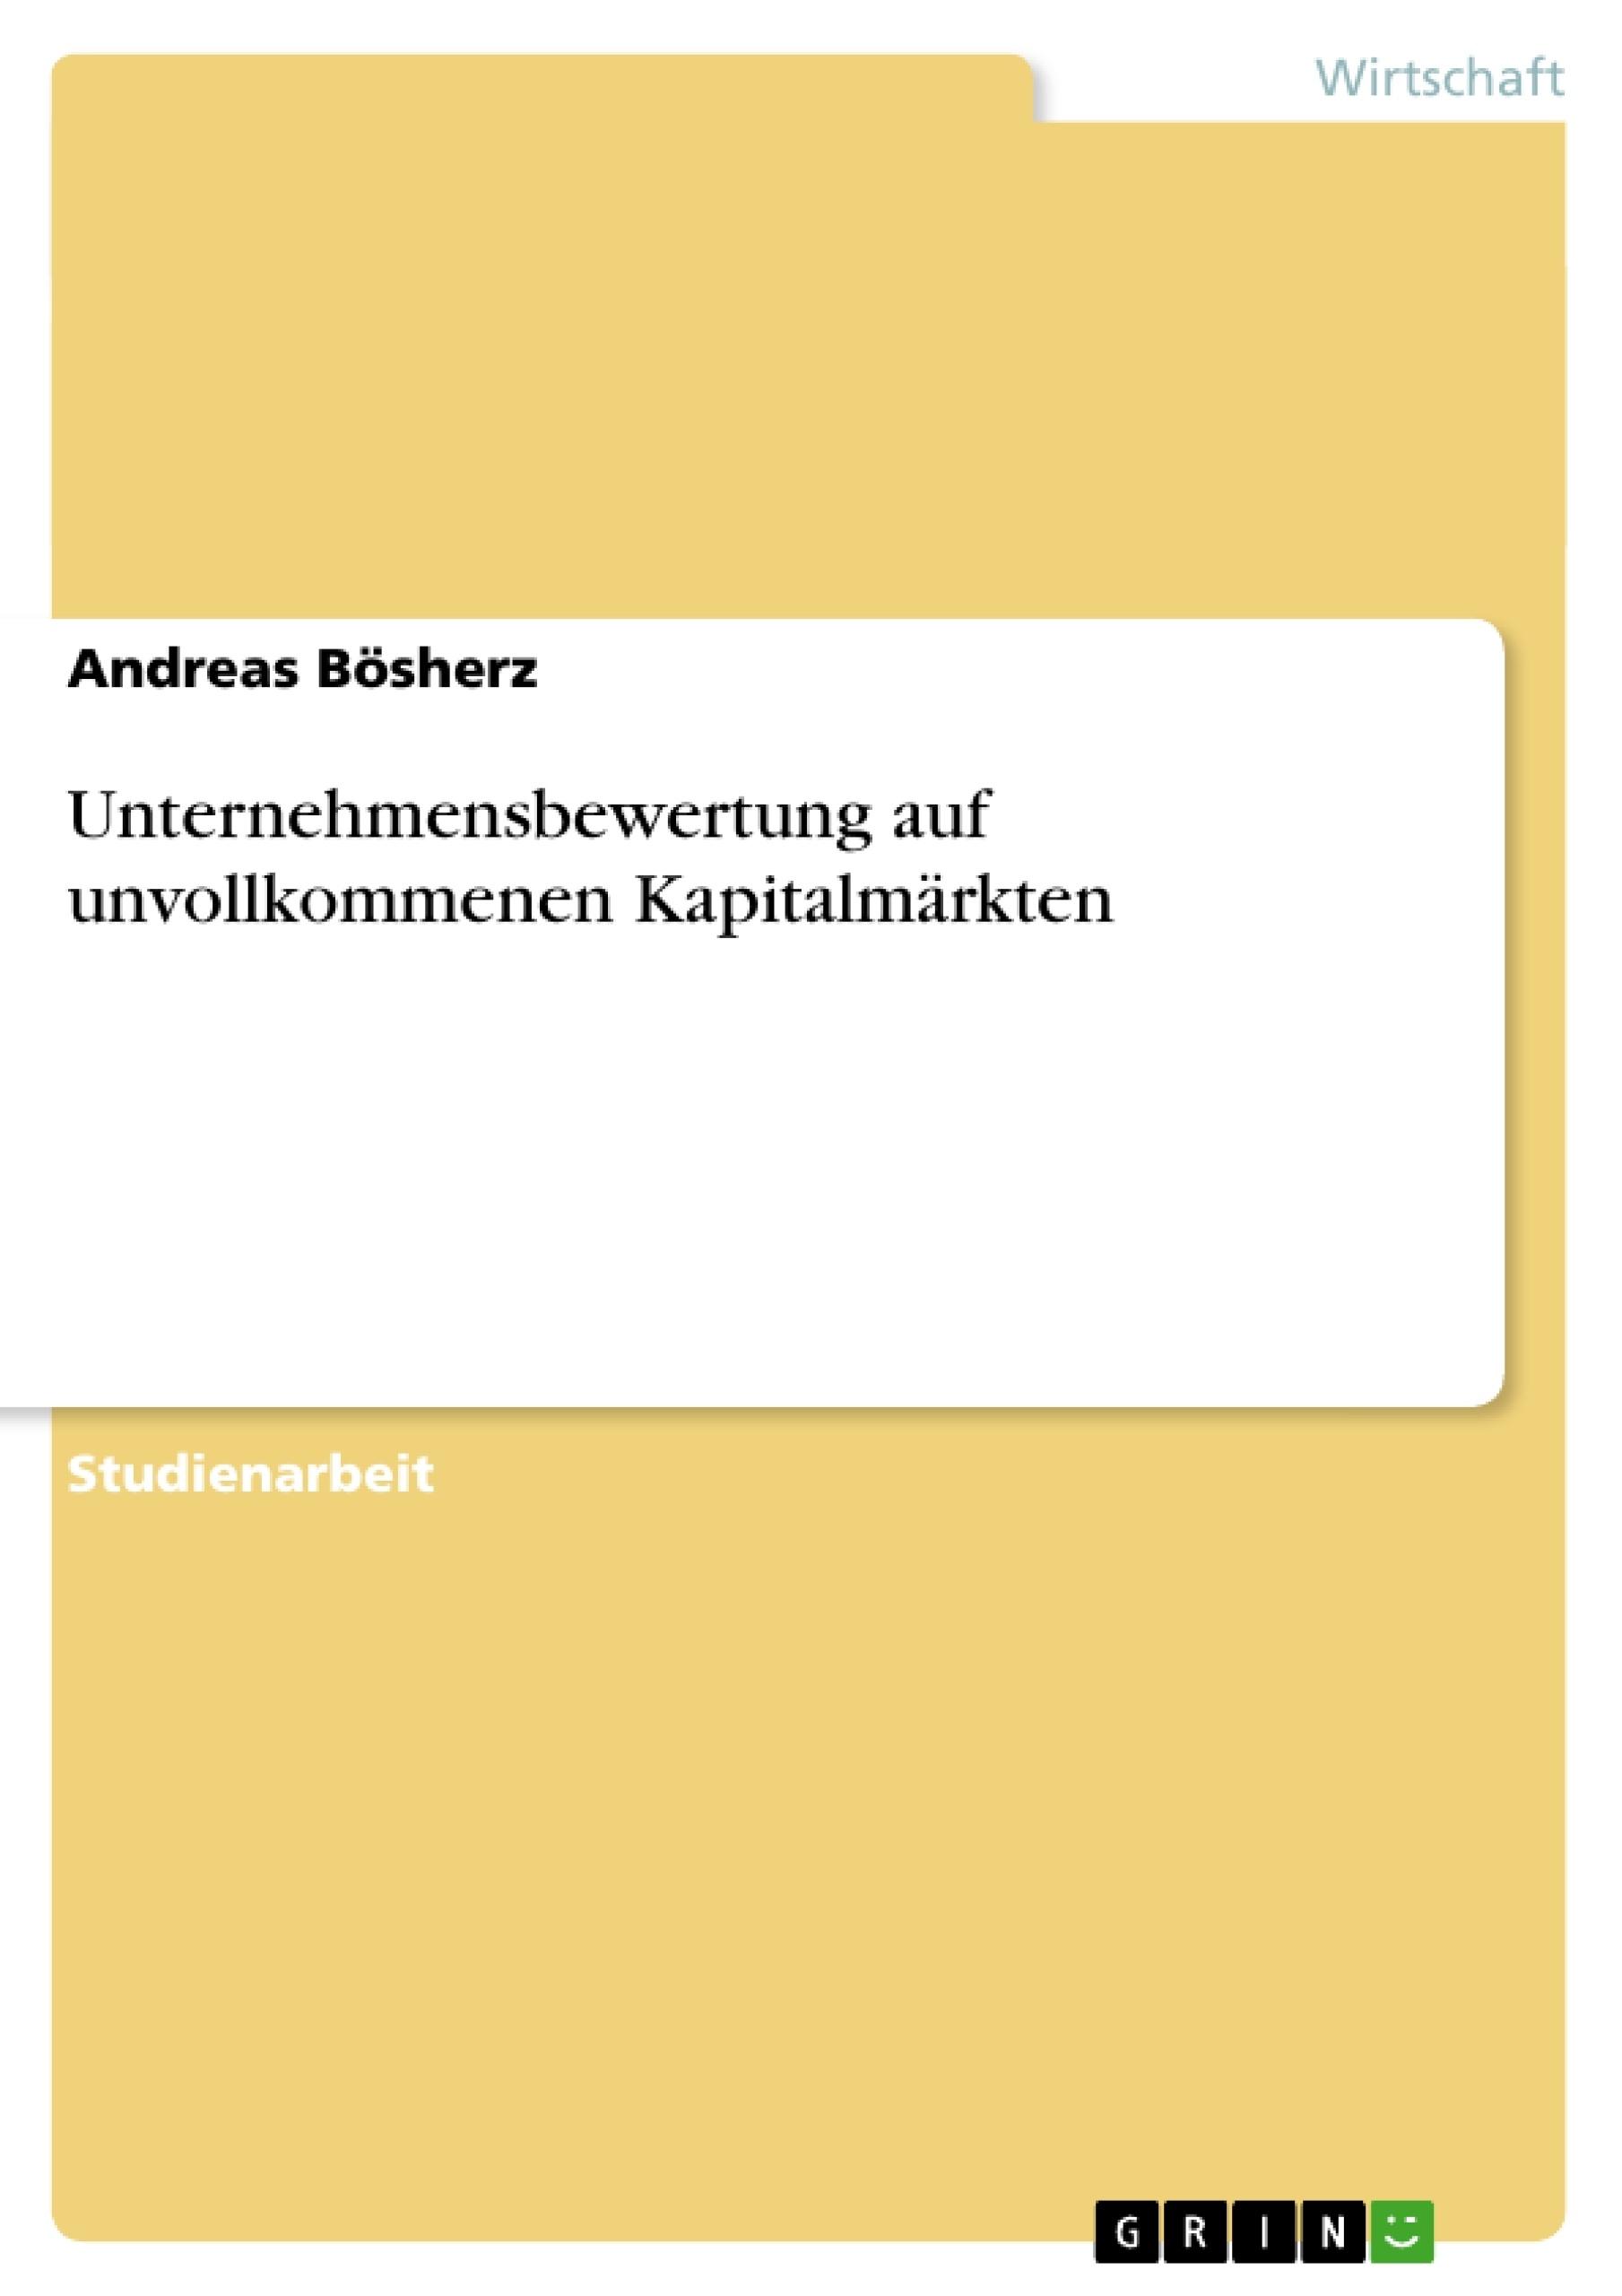 Titel: Unternehmensbewertung auf unvollkommenen Kapitalmärkten